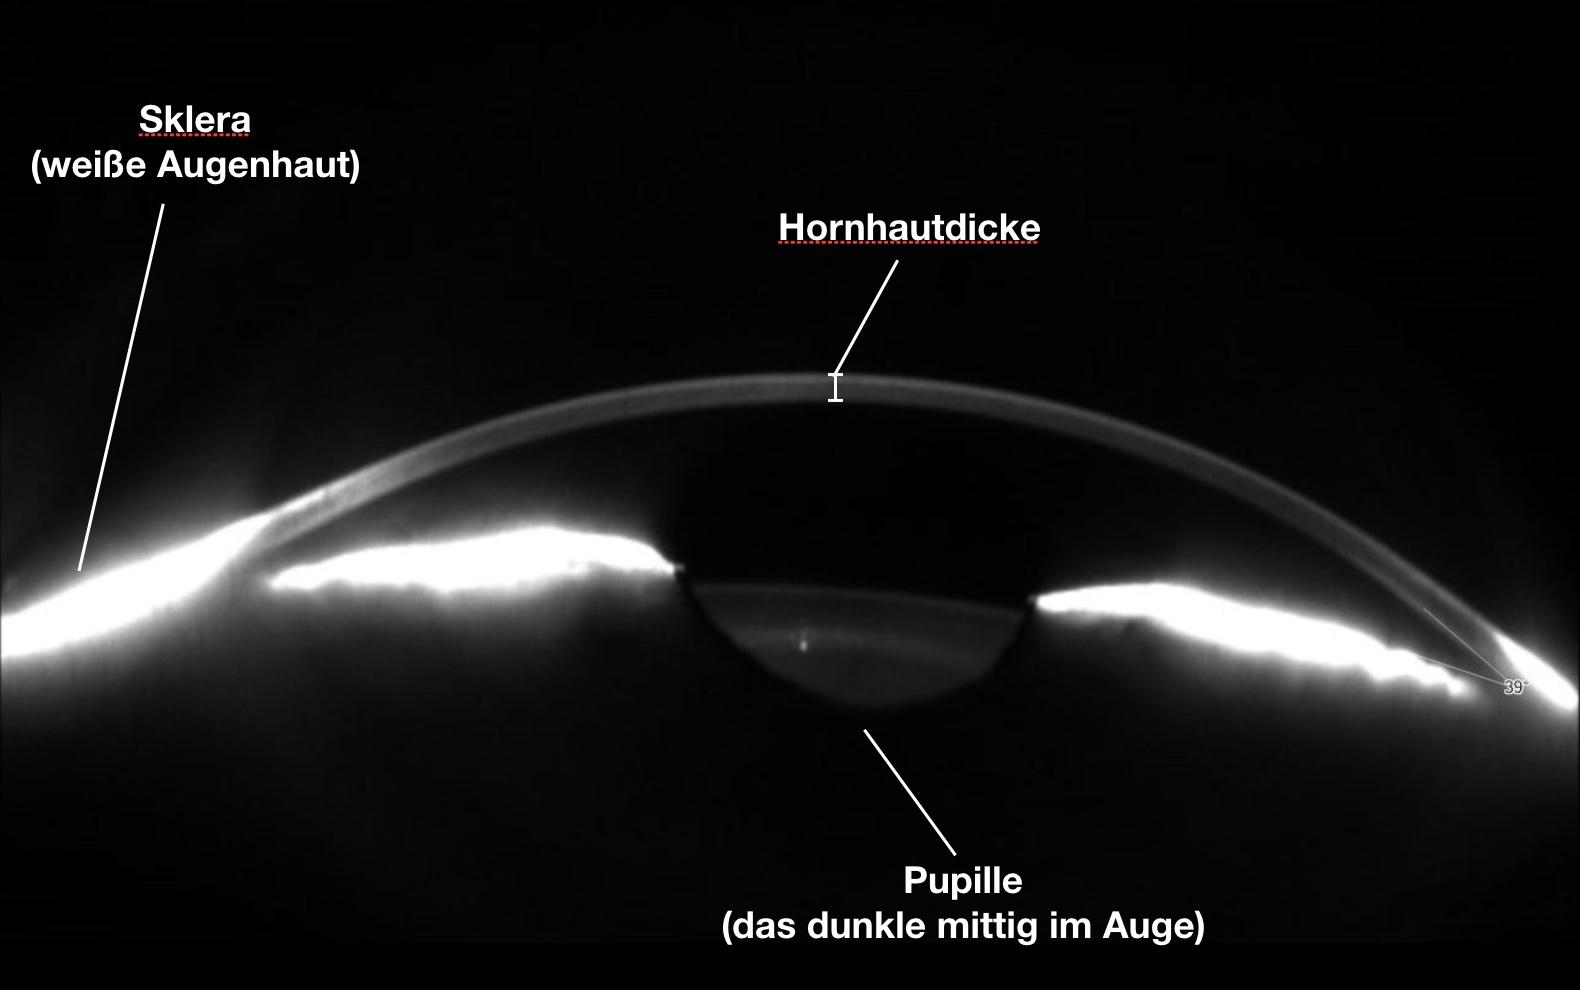 Das Bild zeigt die Hornhautdicke bei einem Auge in der Seitenansicht im Schnitt mit einer Scheimpflugkamera